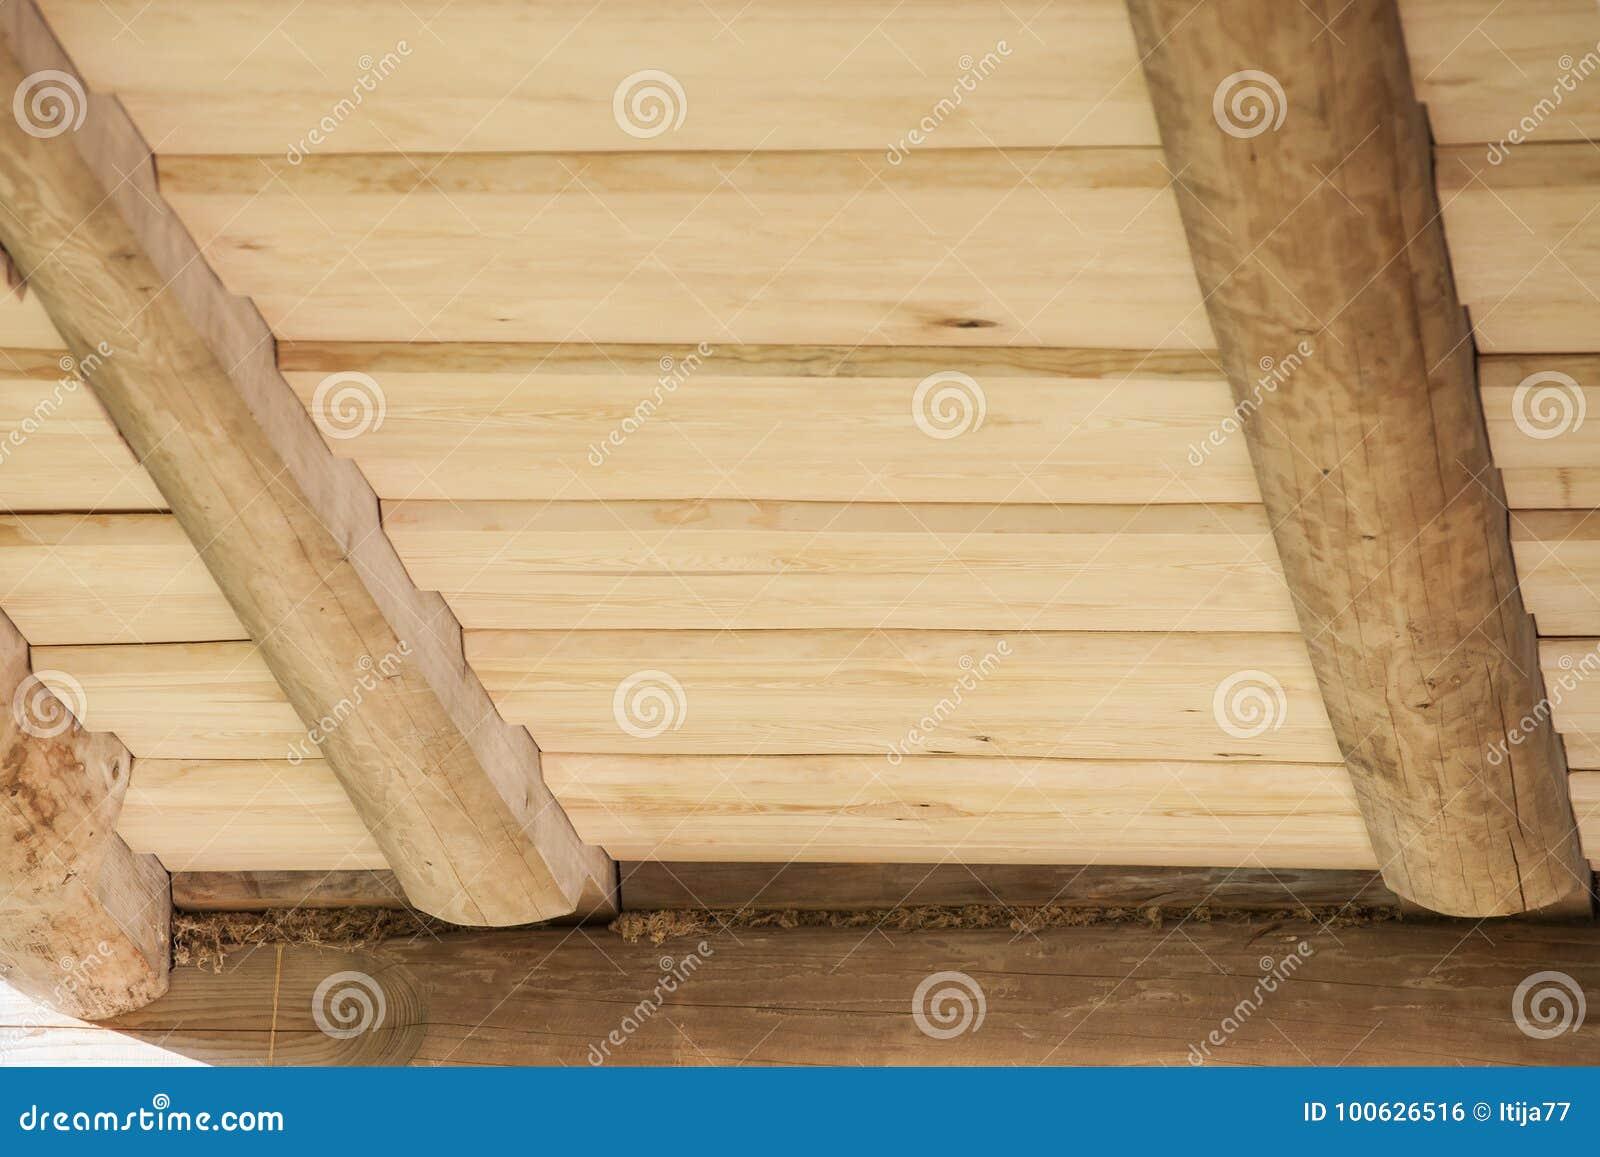 Techo de tablones de madera del pino para la caba a de madera foto de archivo imagen de artes - Cabanas de madera los pinos ...